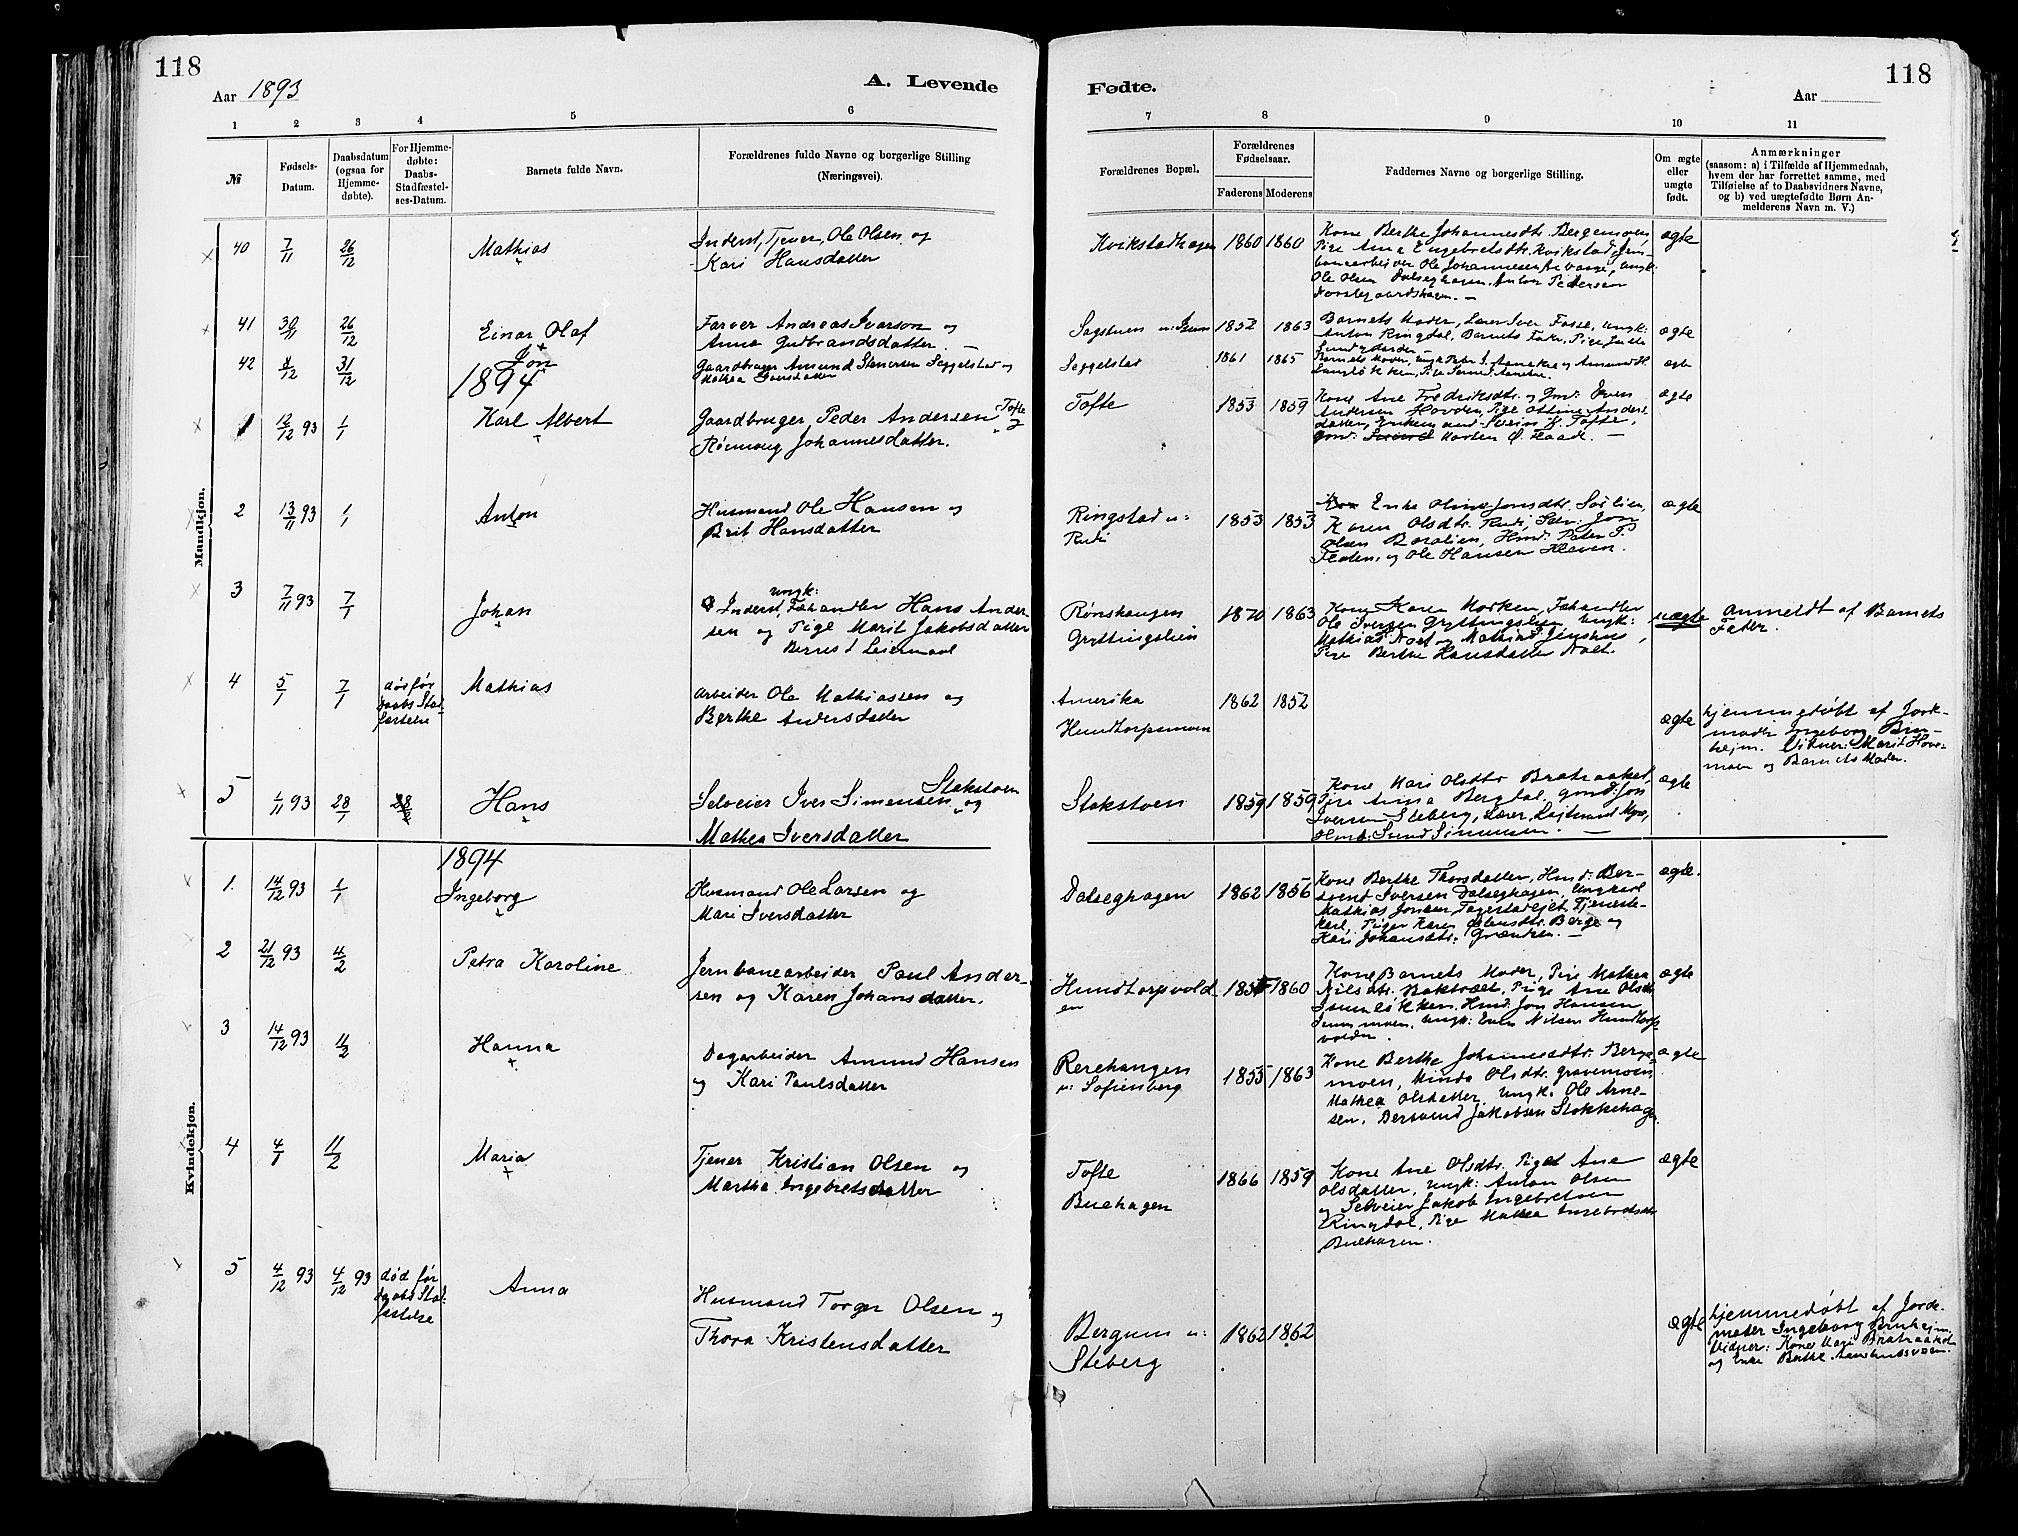 SAH, Sør-Fron prestekontor, H/Ha/Haa/L0003: Ministerialbok nr. 3, 1881-1897, s. 118